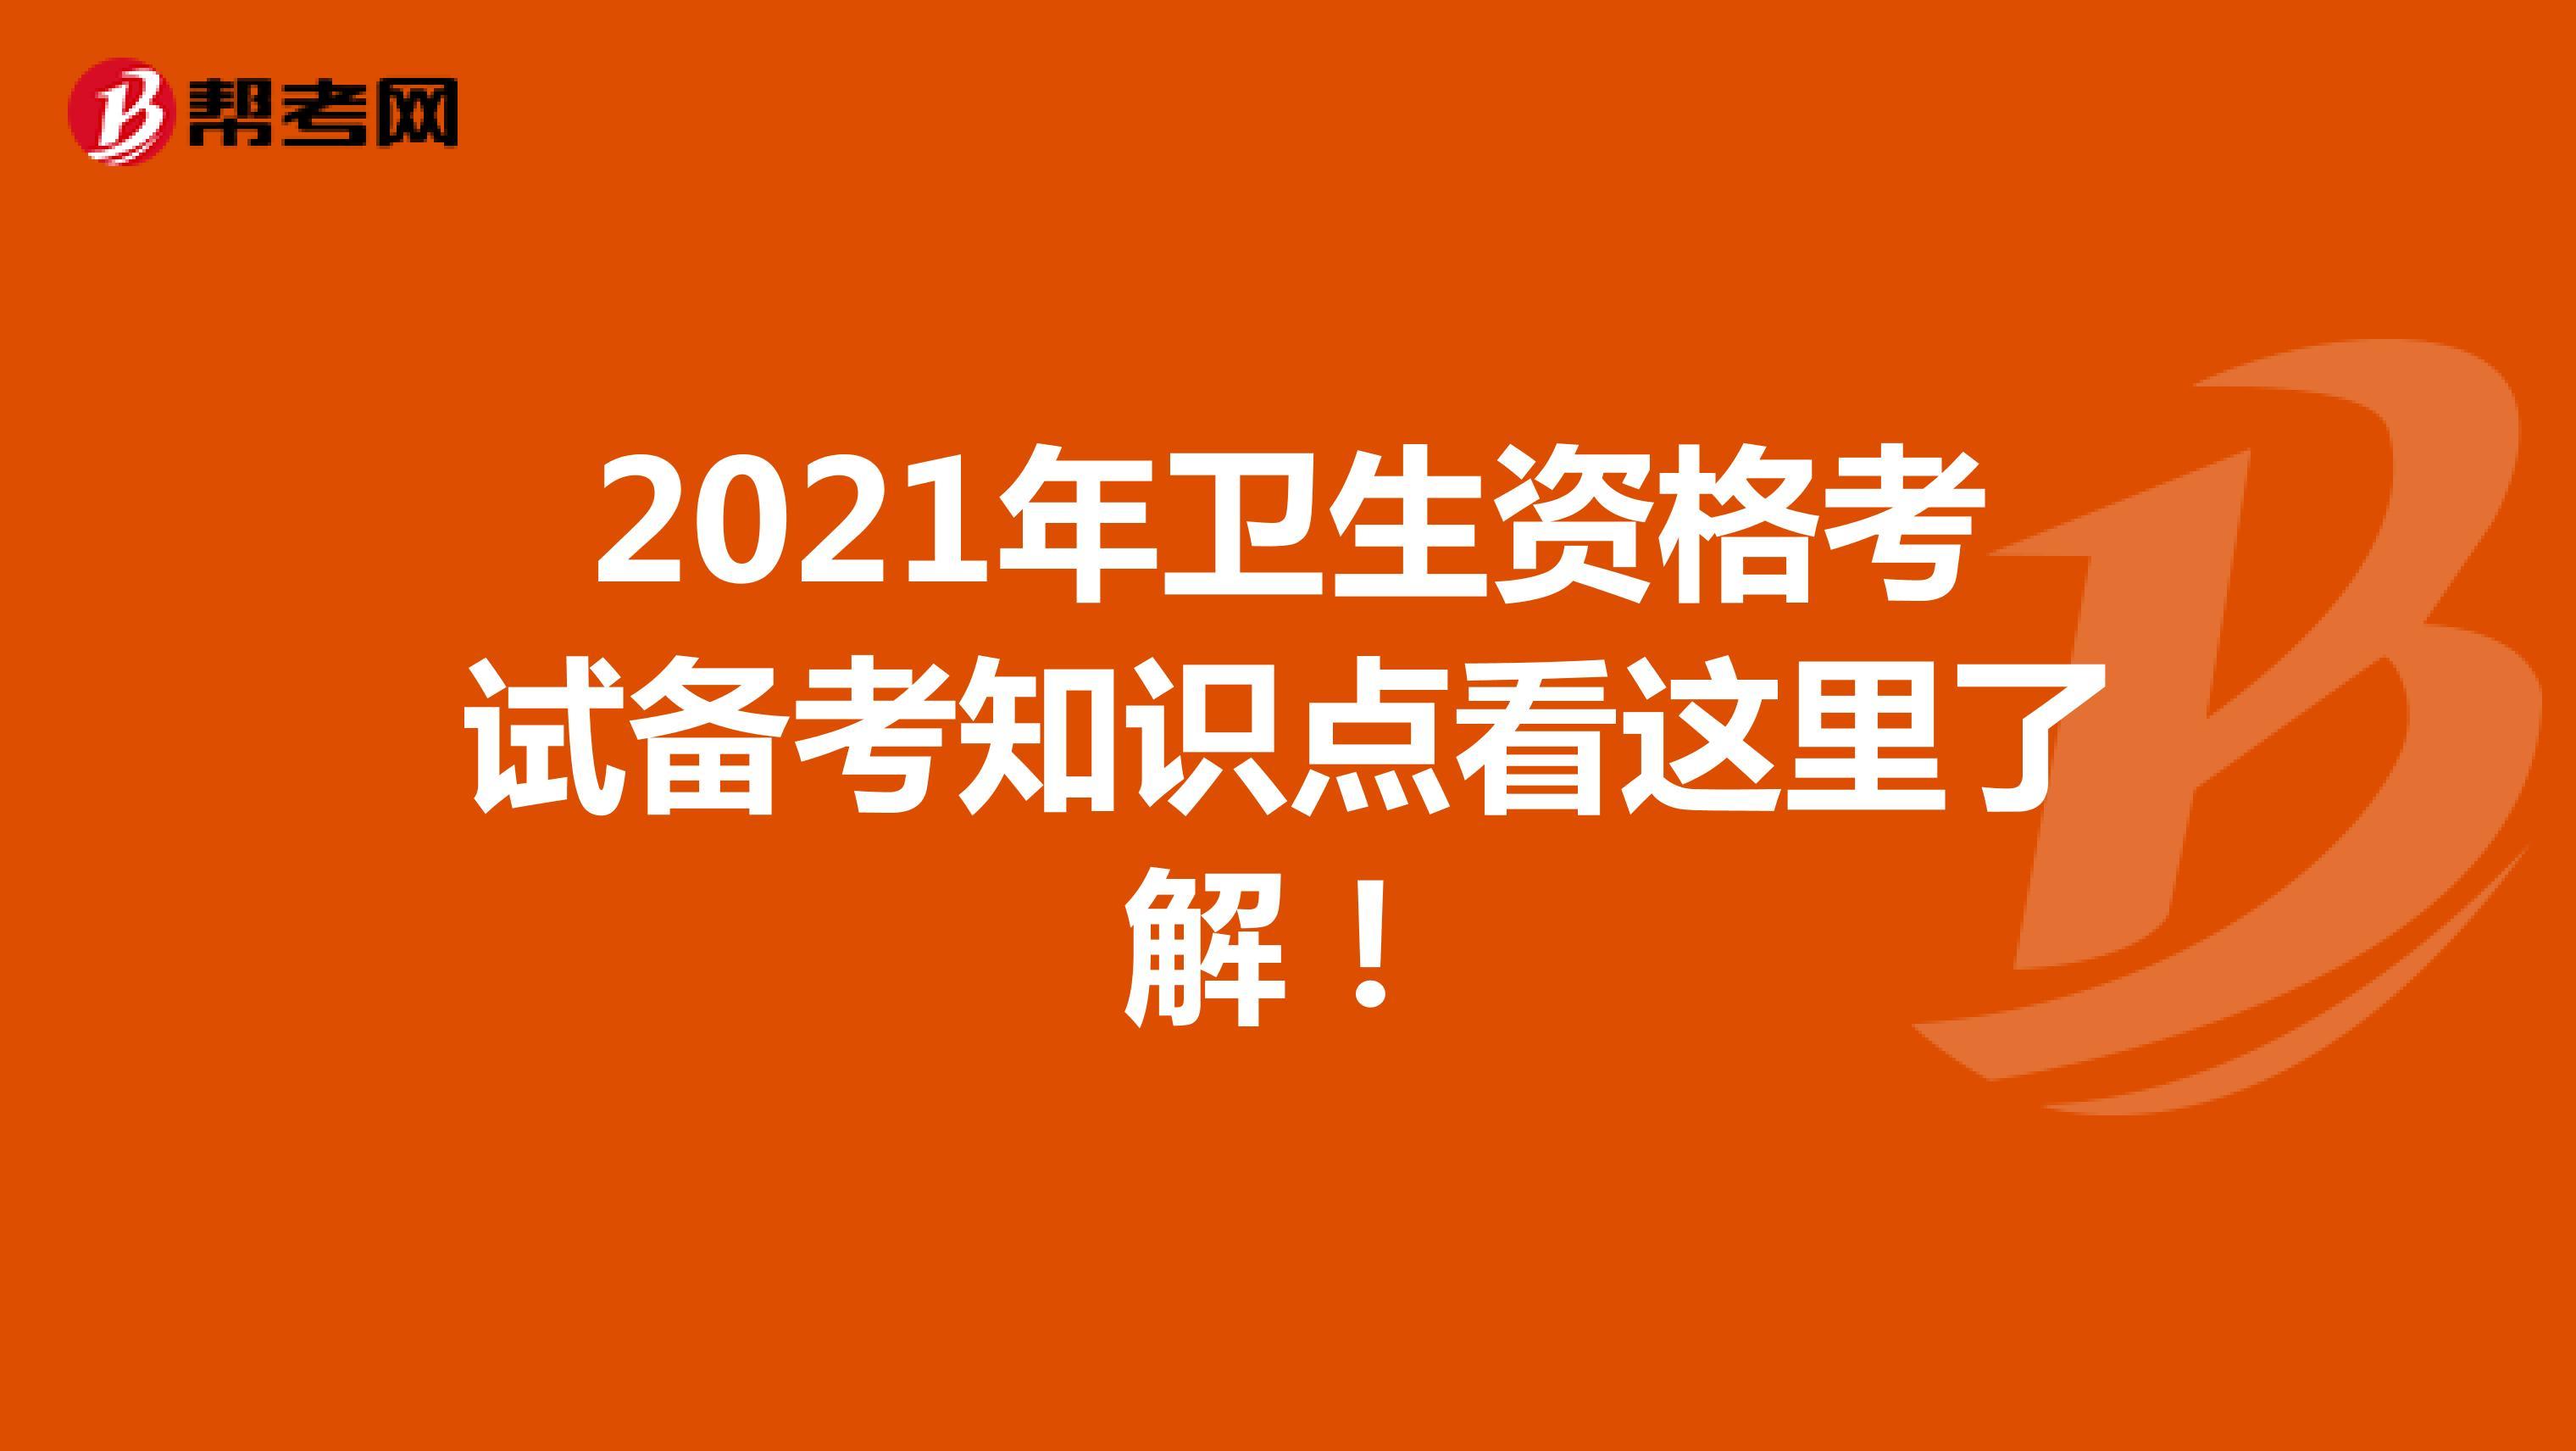 2021年卫生资格考试备考知识点看这里了解!